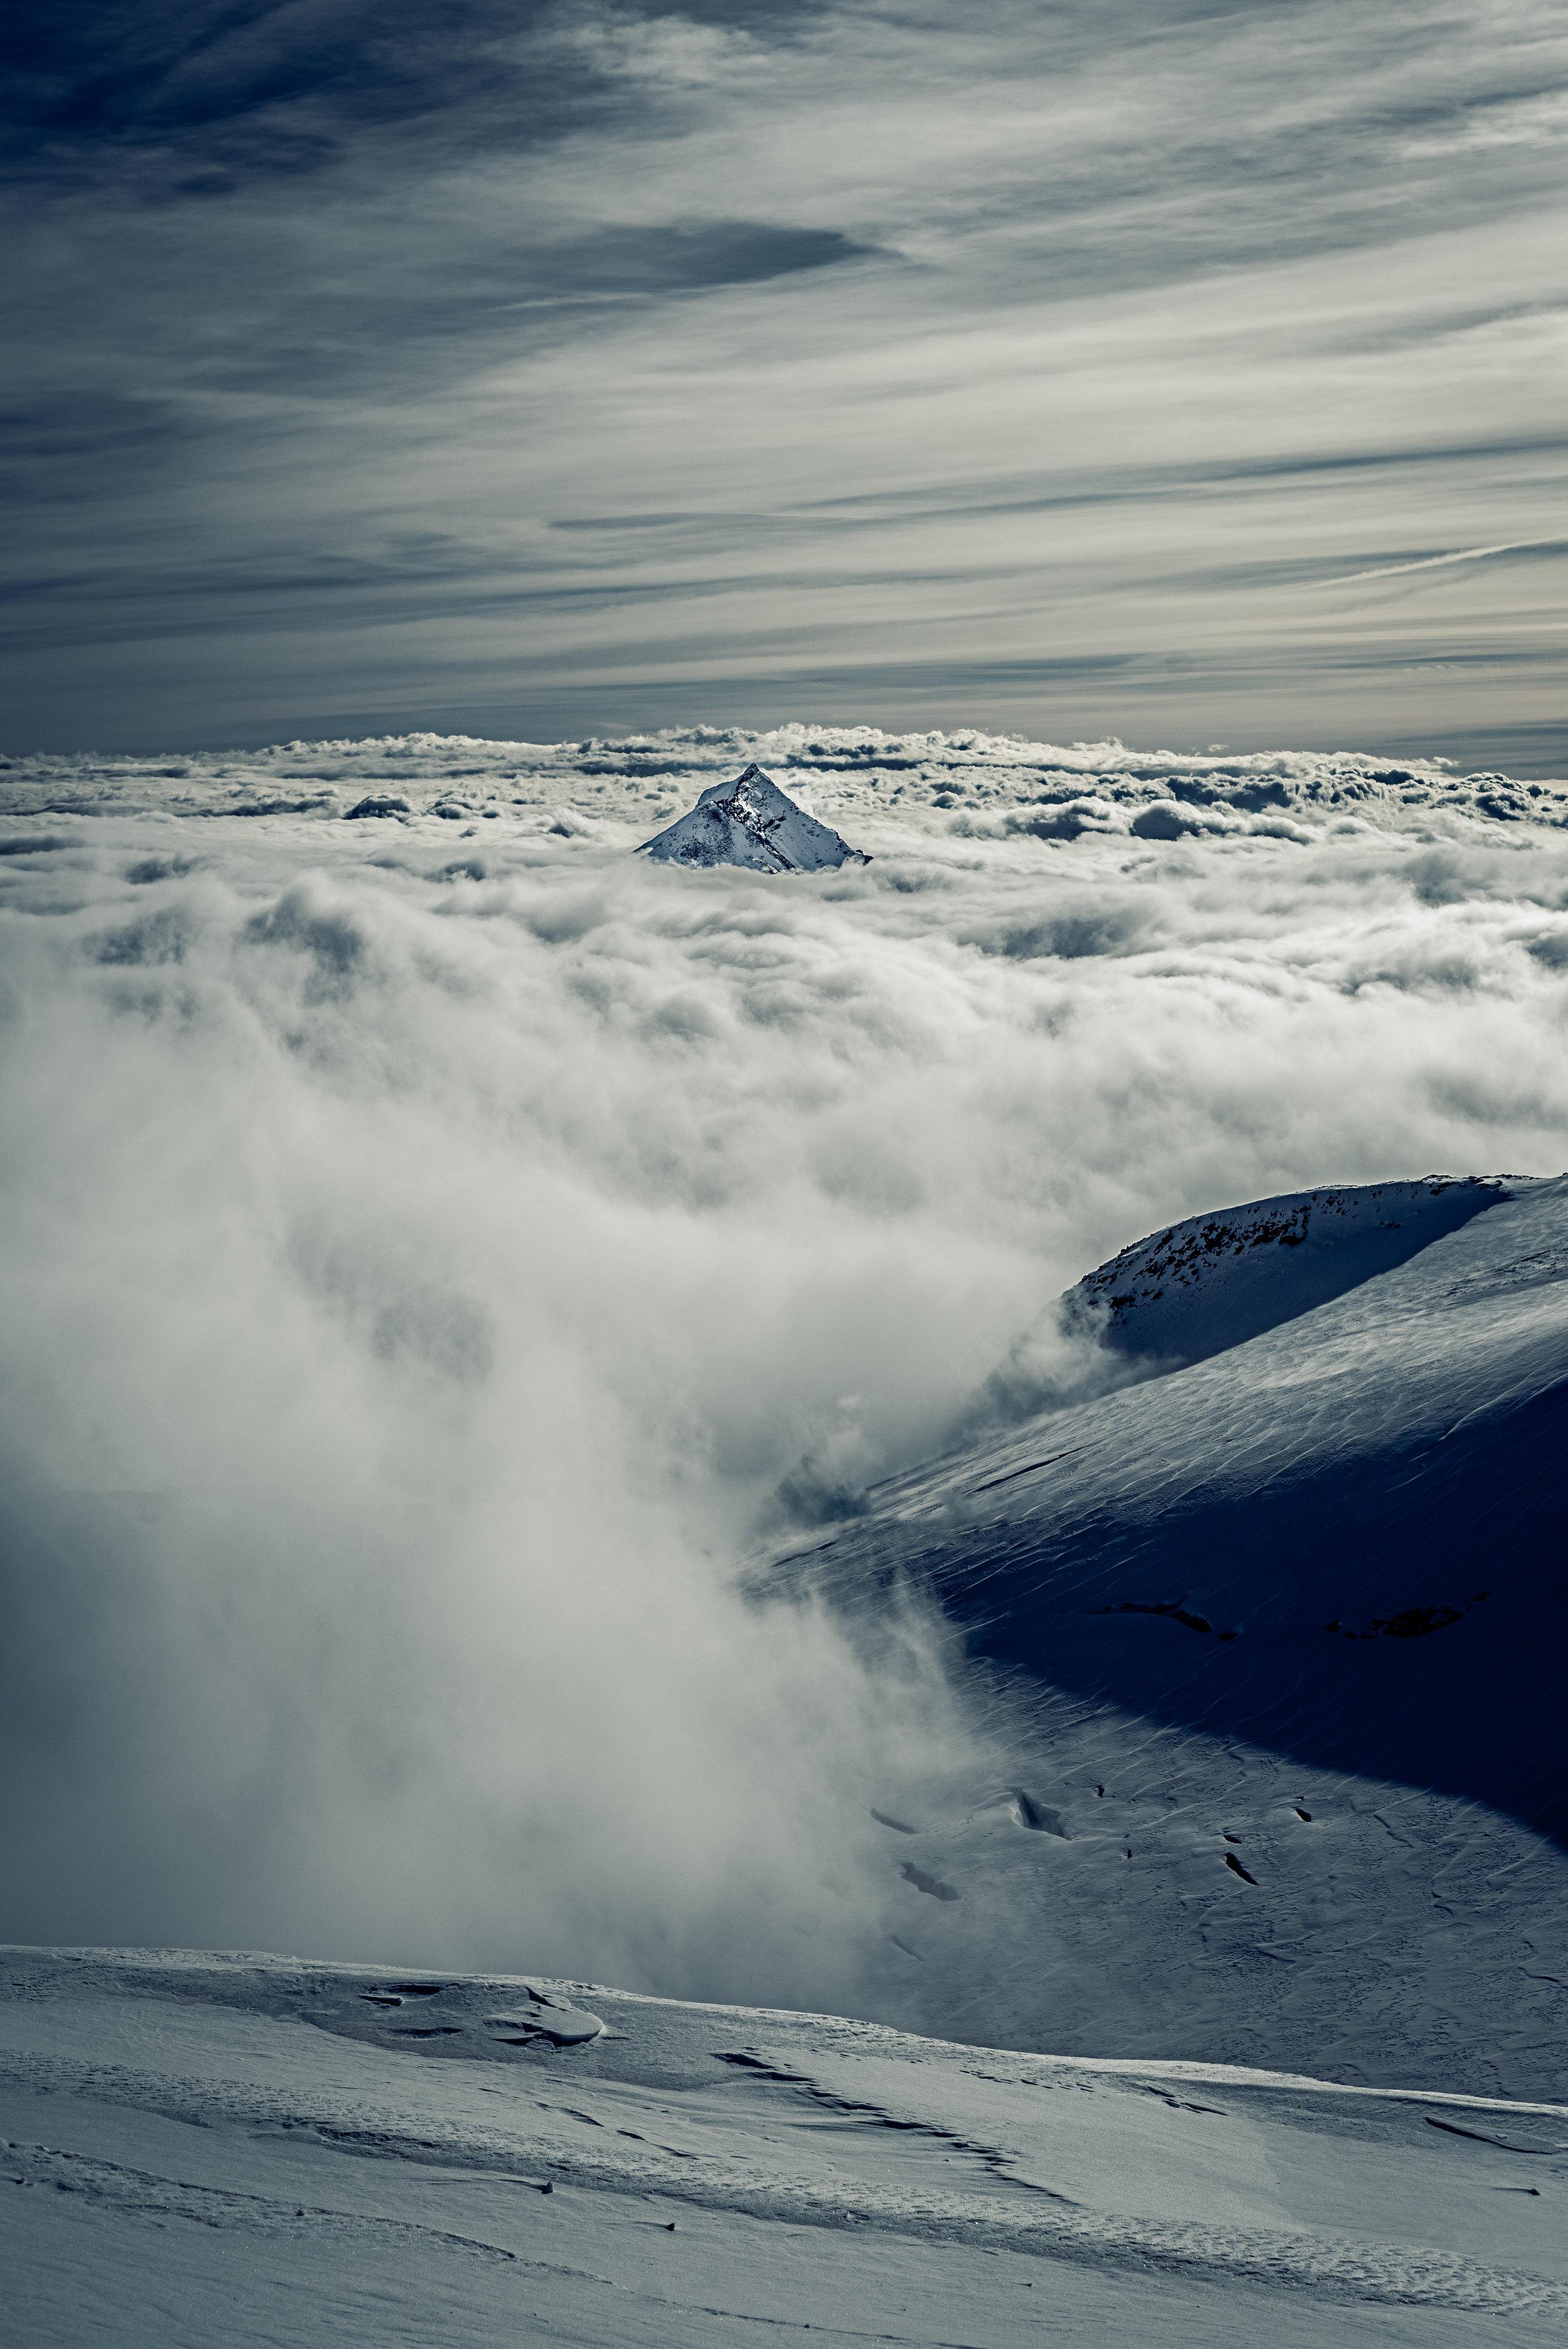 Cloudy_Solo_Peak_renrob©.jpg